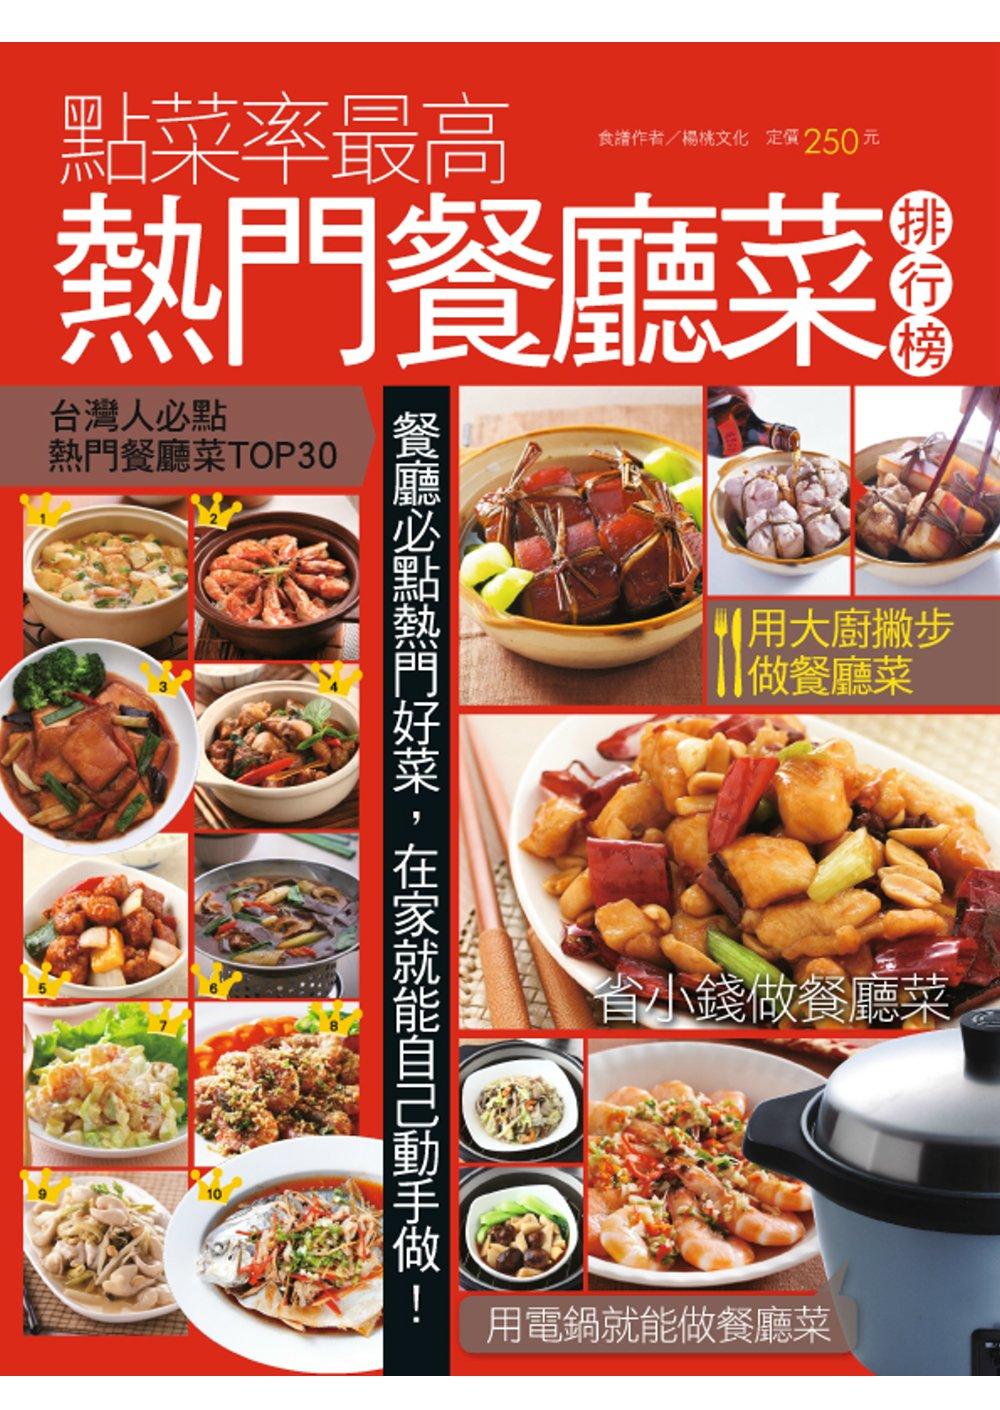 點菜率最高熱門餐廳菜排行榜